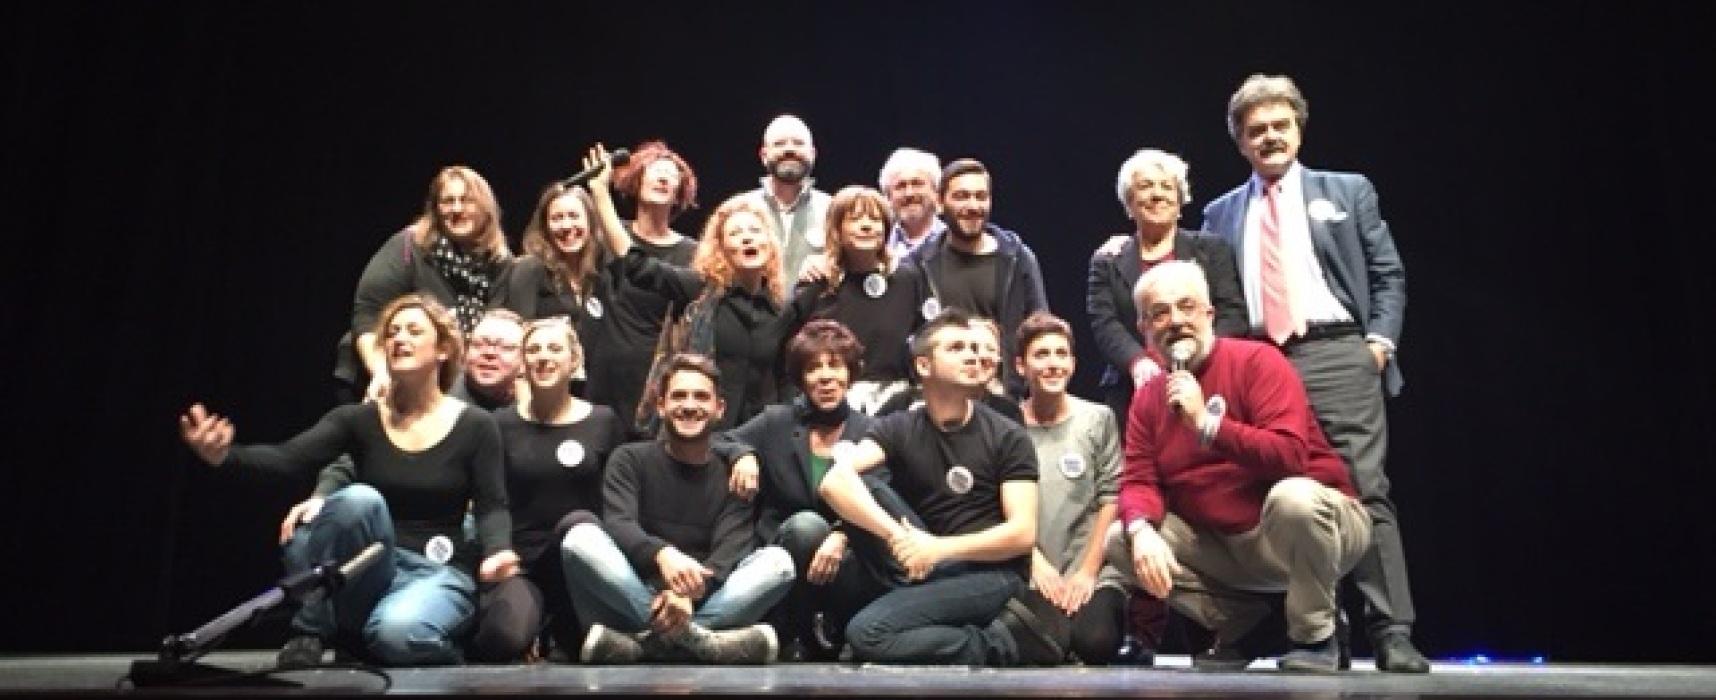 """Altopascio, ultimi appuntamenti per """"Strade Maestre"""" rassegna teatrale internazionale sull'ospitalità"""